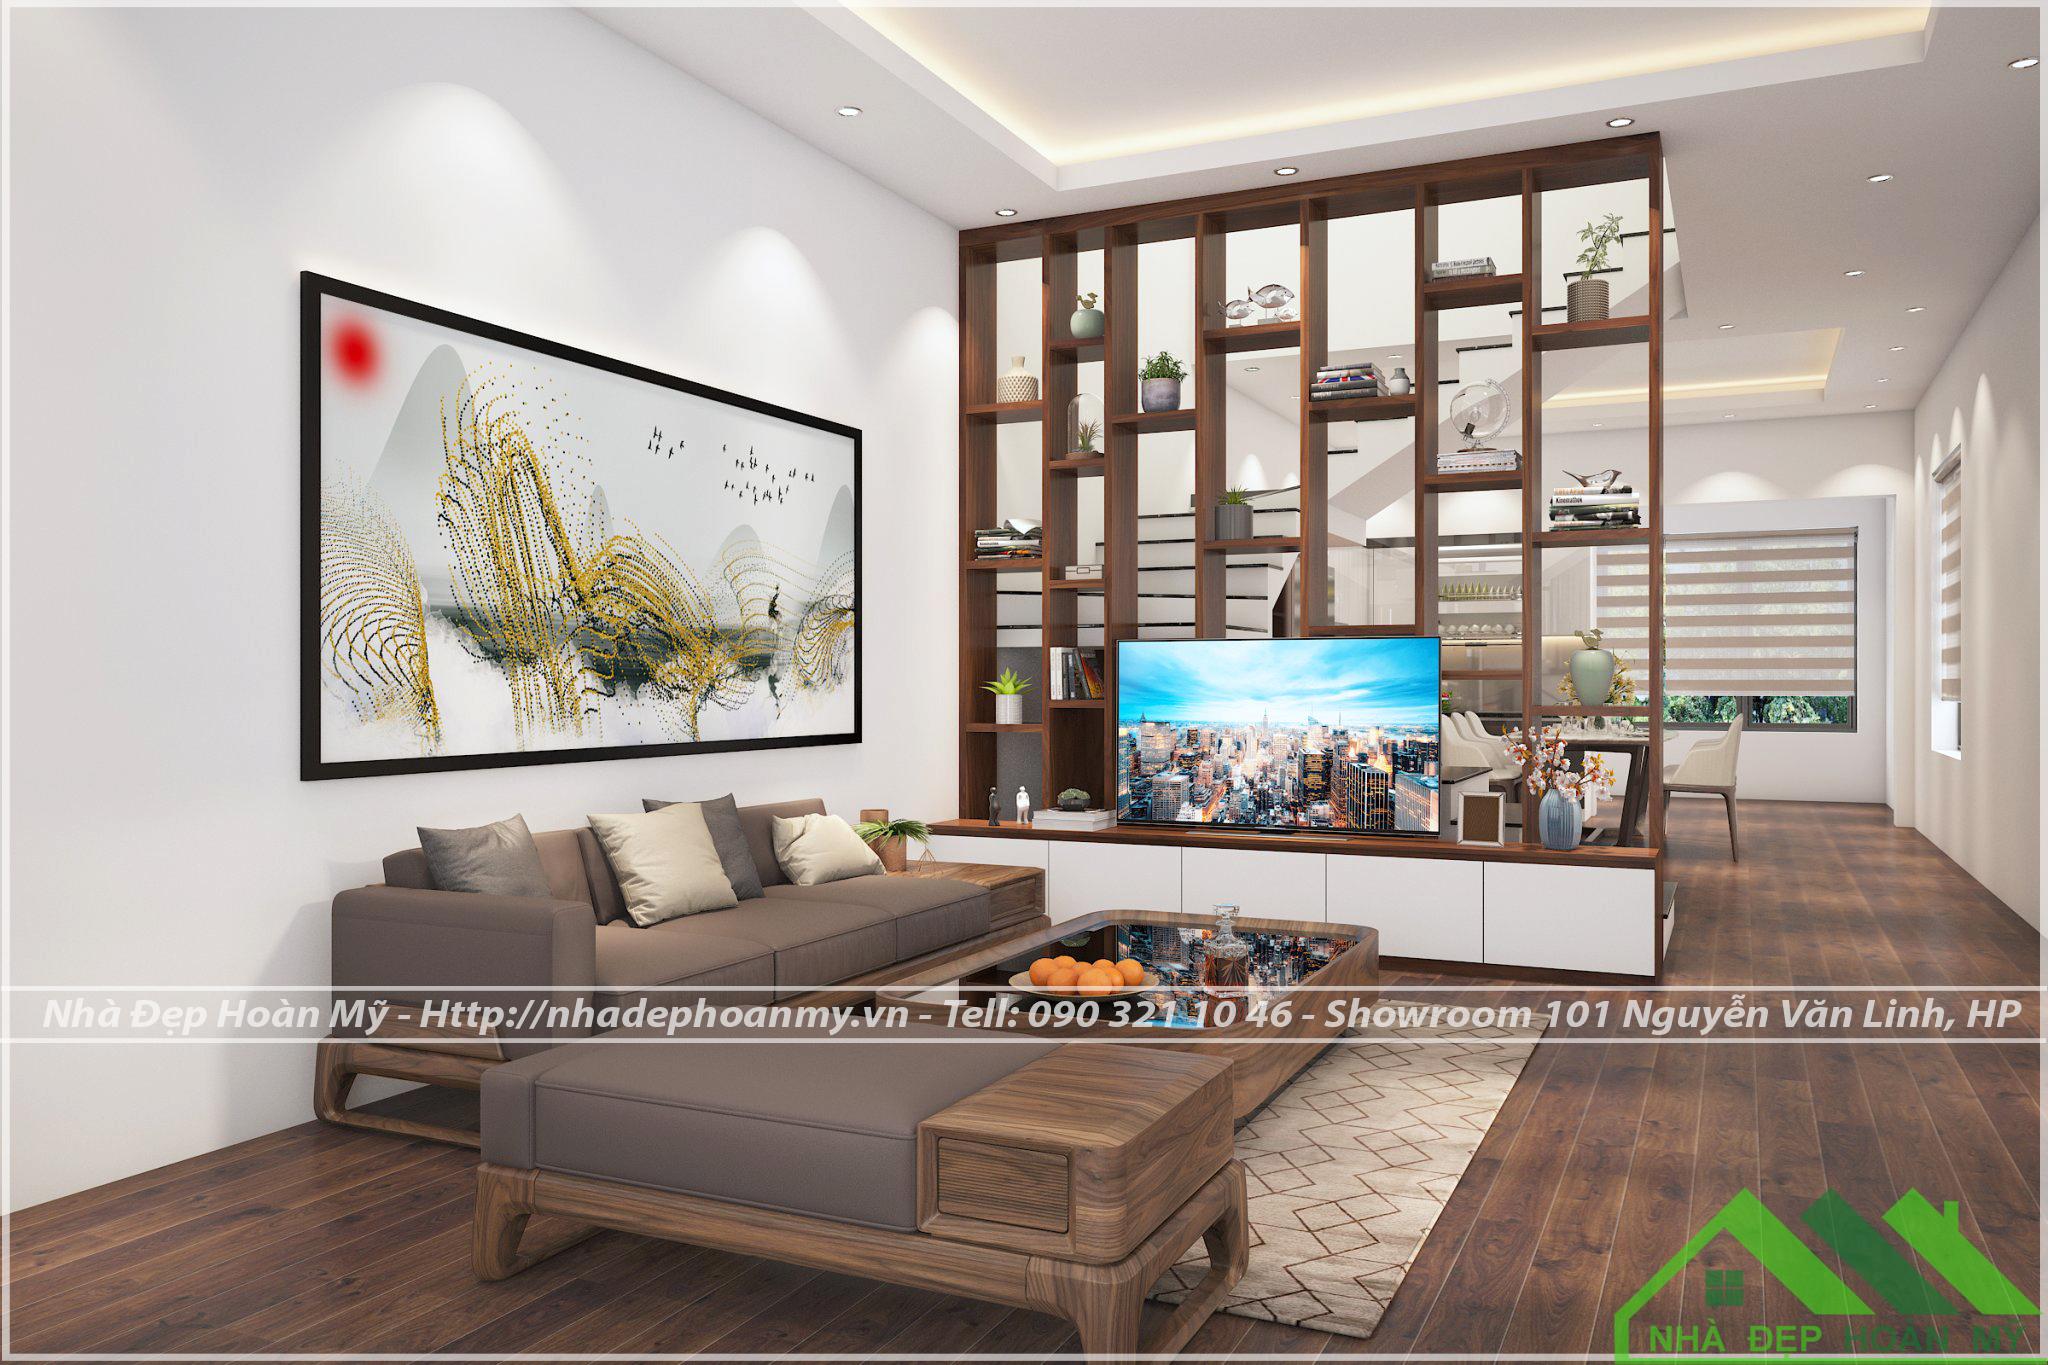 Thiết kế và thi công nội thất Hợp Đức - Đồ Sơn - Hải Phòng